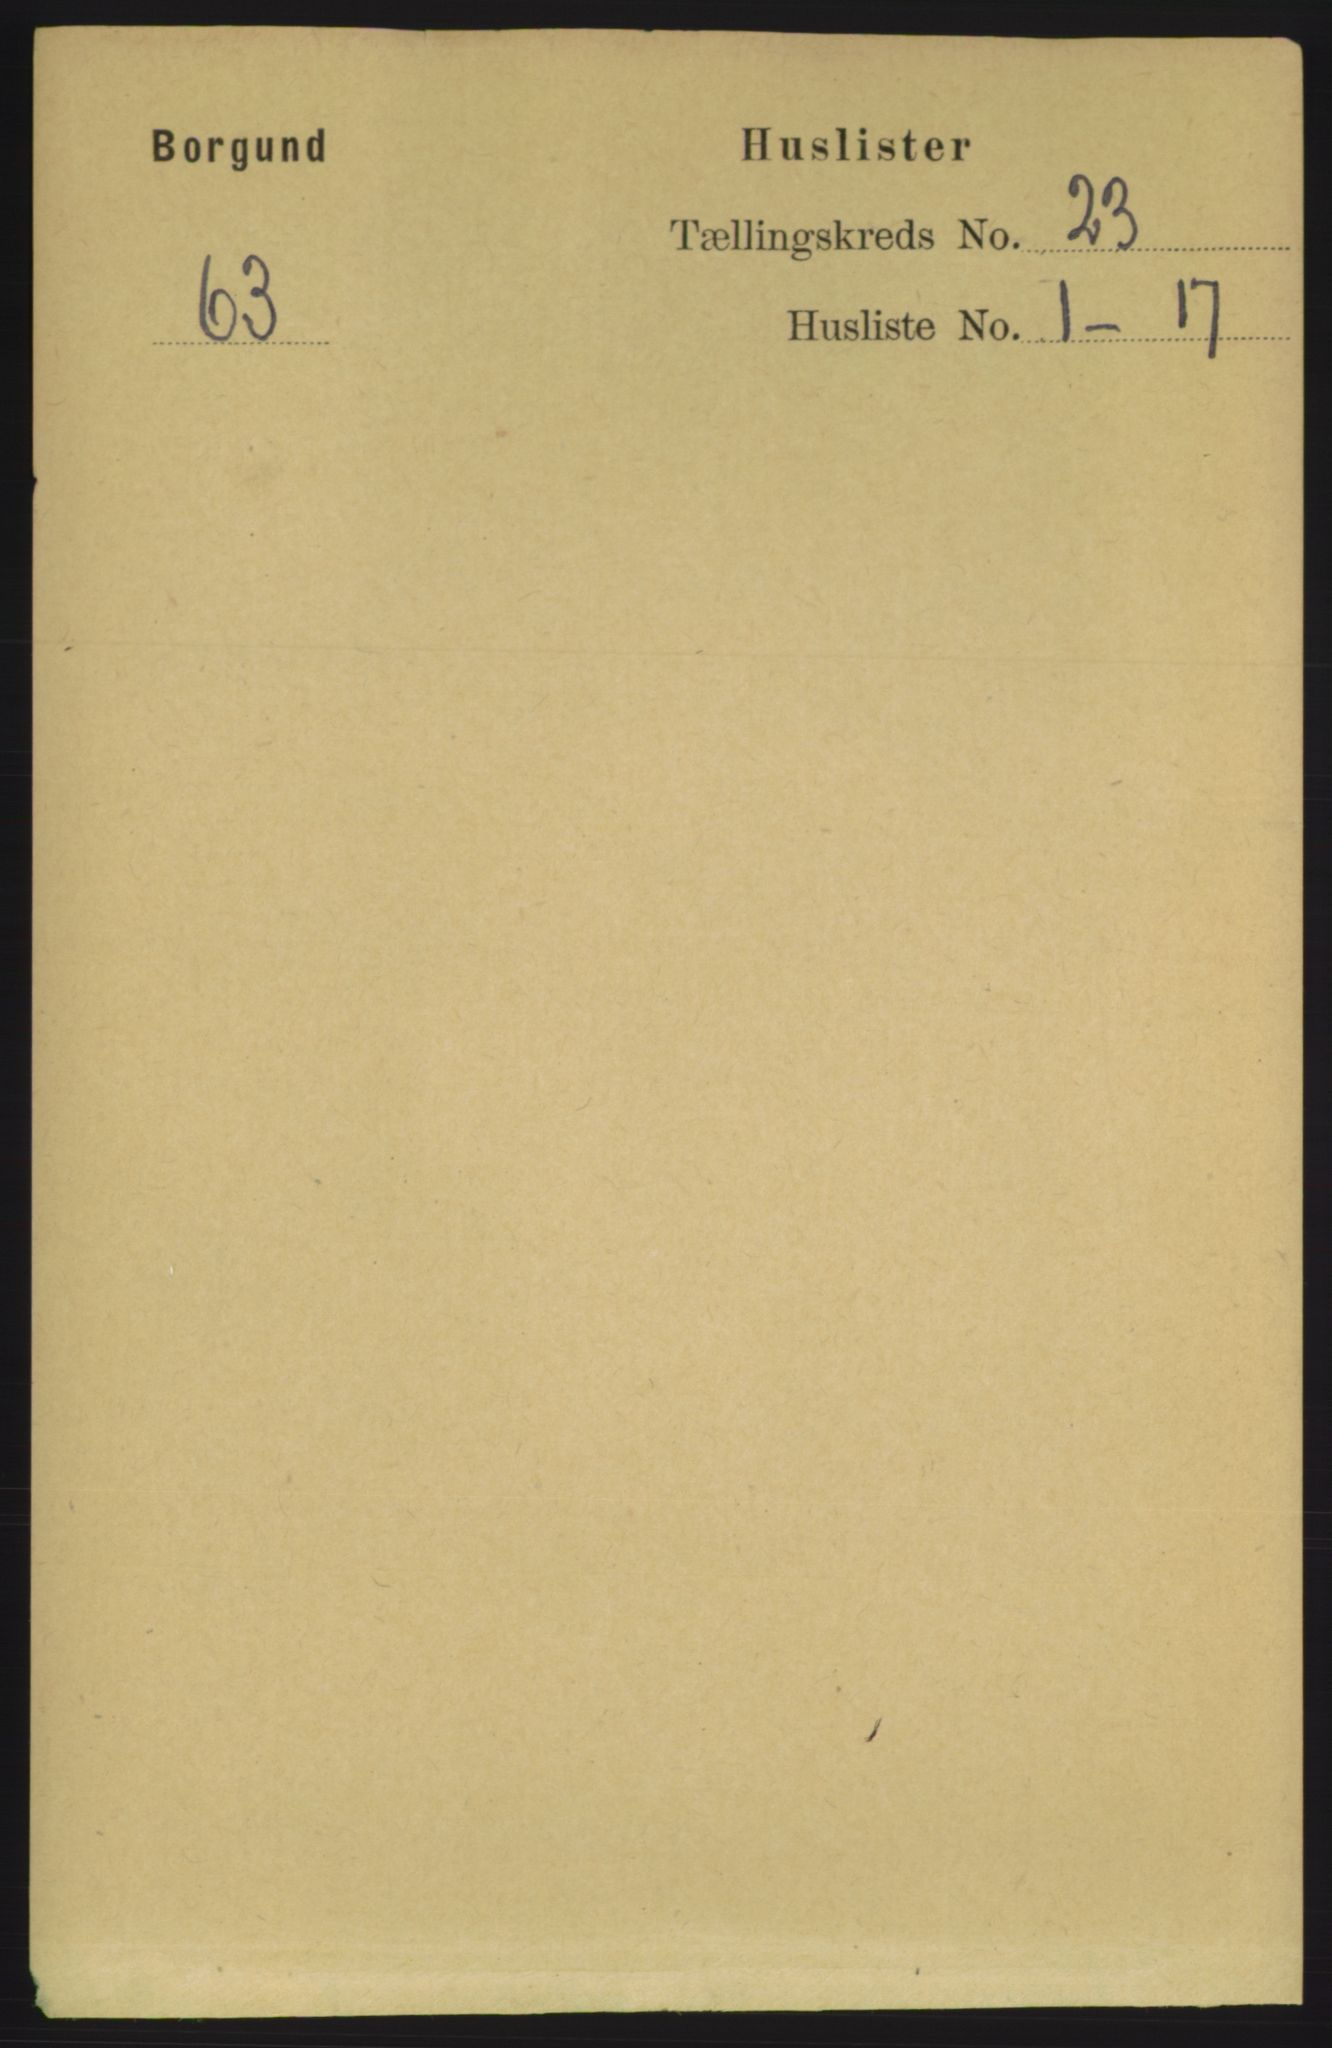 RA, Folketelling 1891 for 1531 Borgund herred, 1891, s. 6944